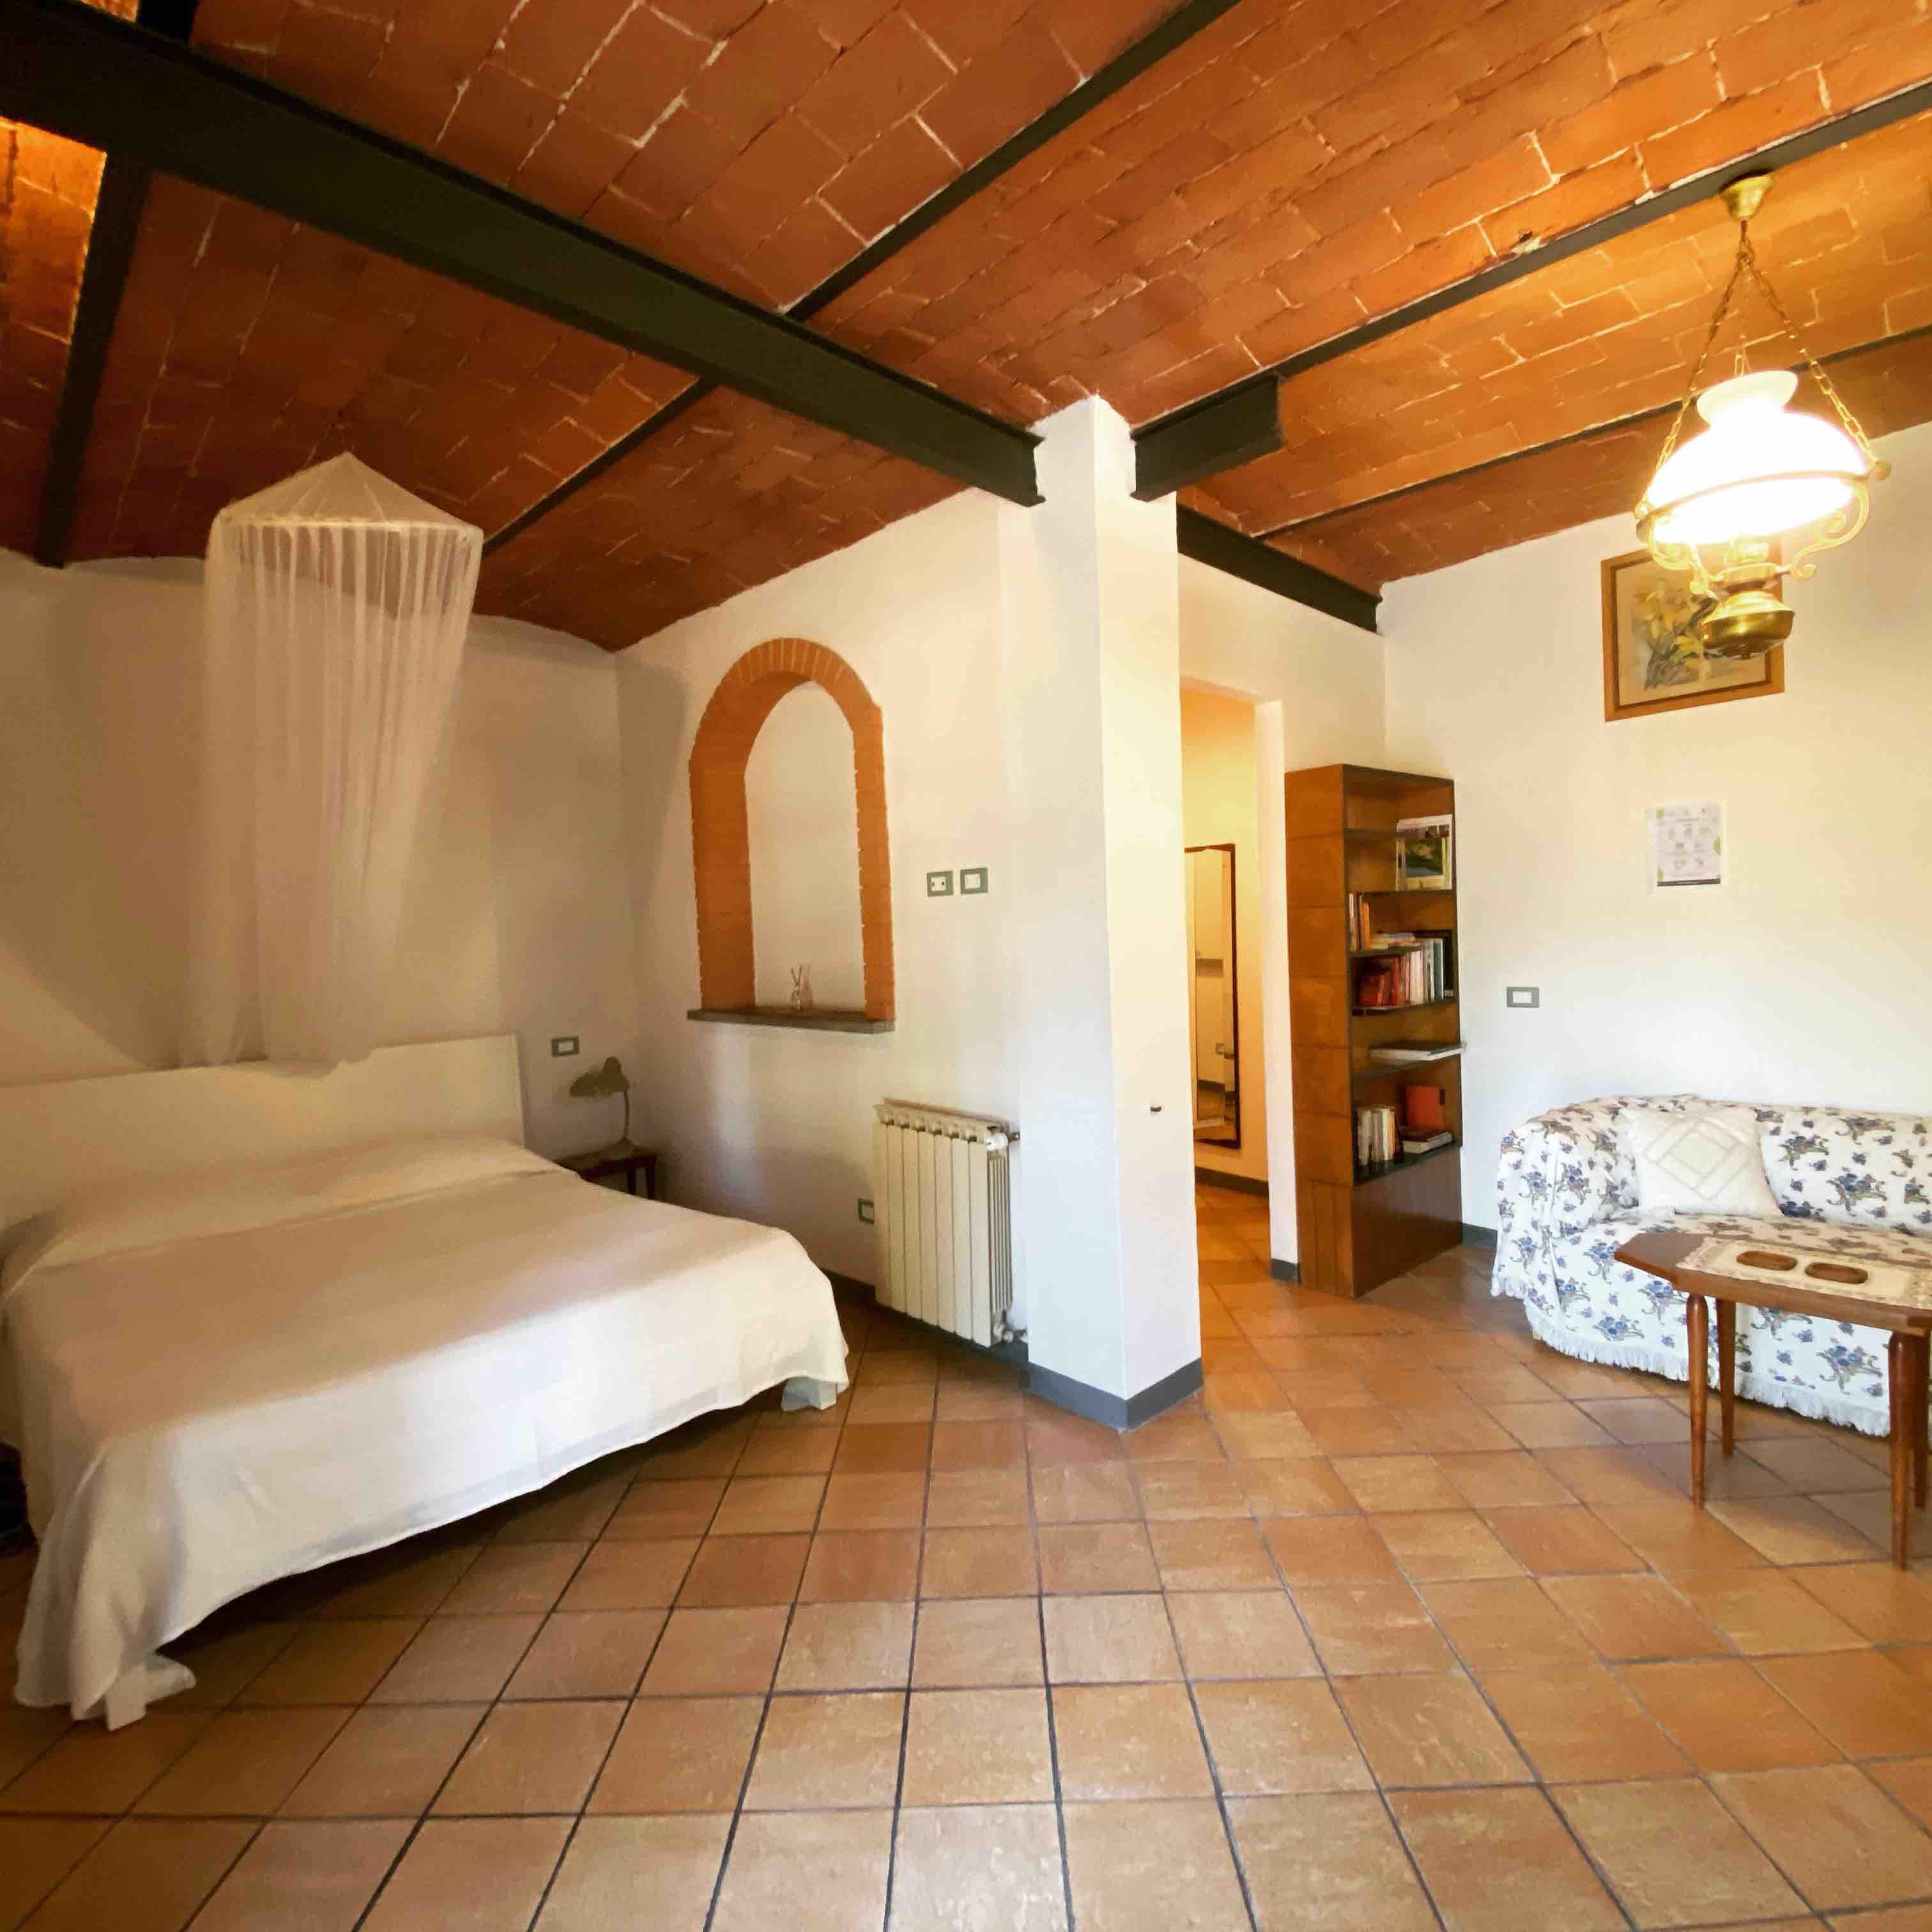 location de gîtes ruraux en toscane